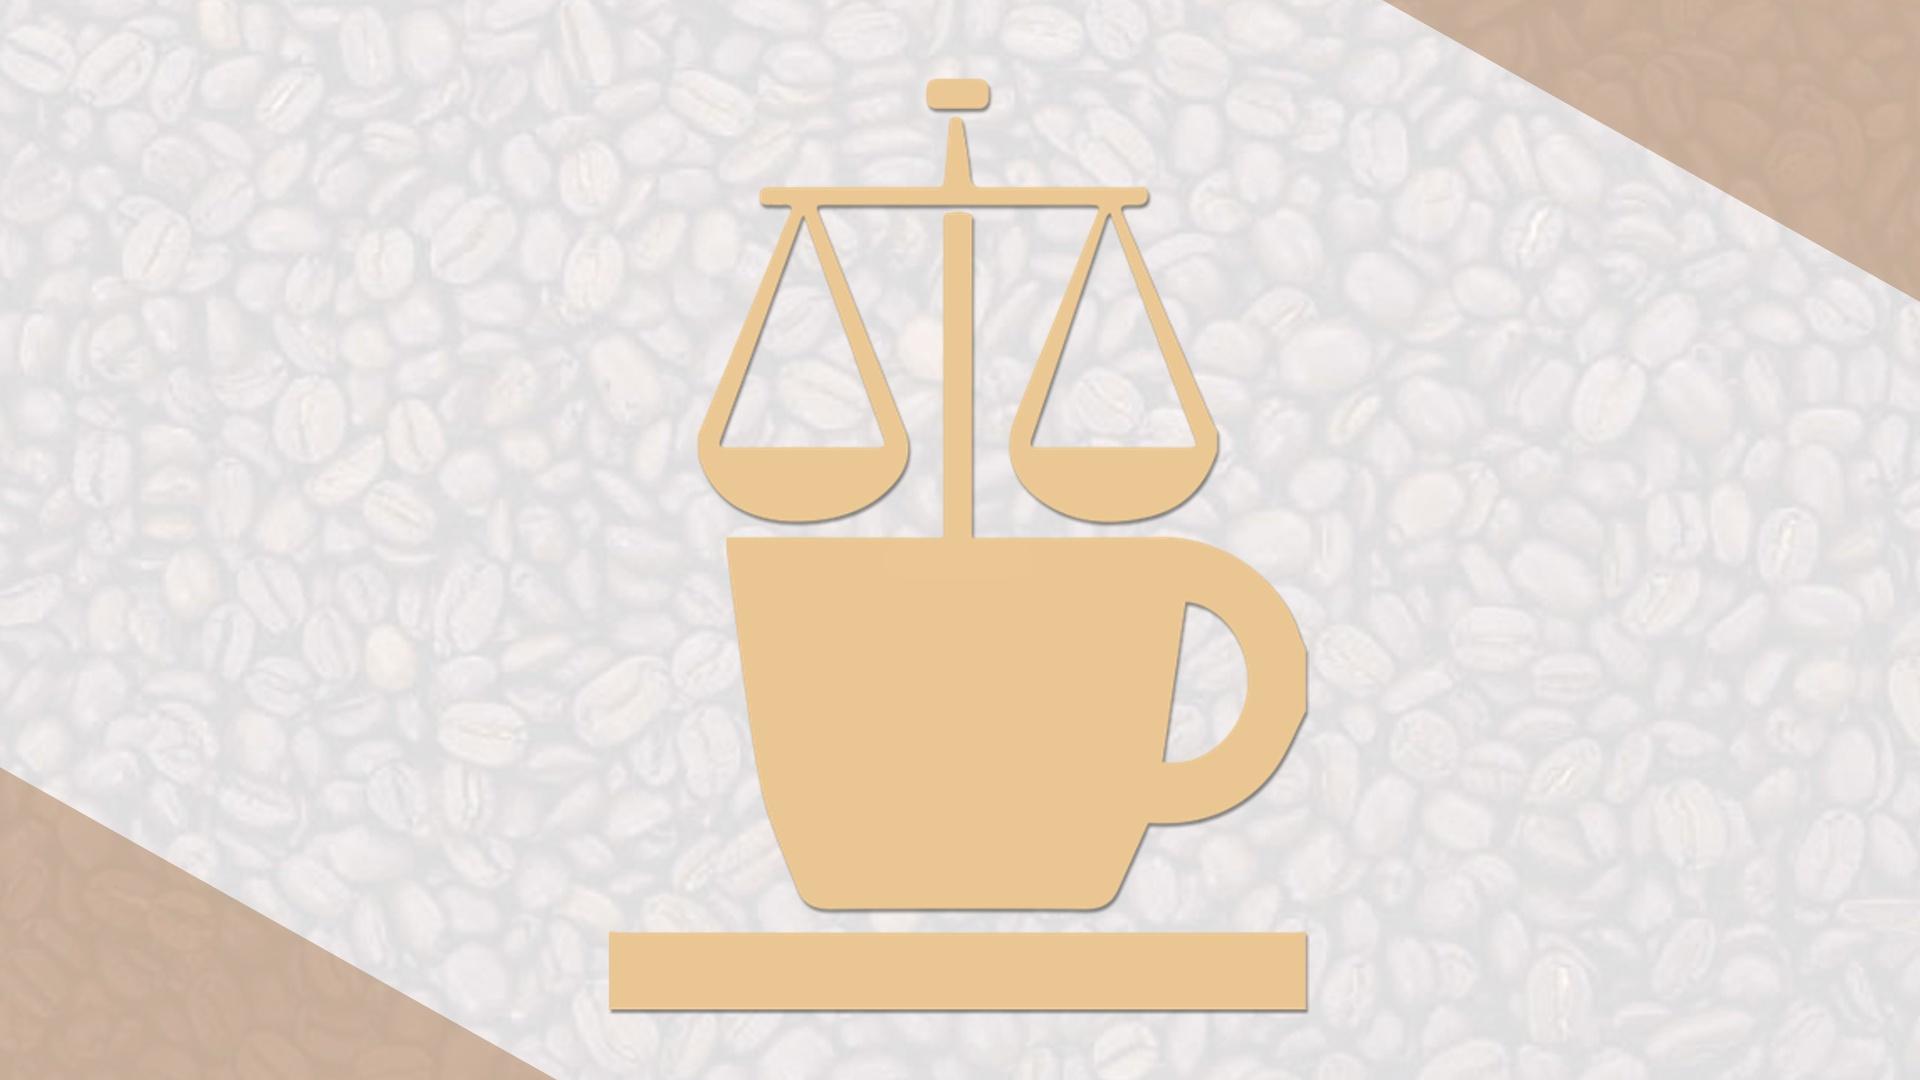 Il Tg Flash di Giustizia Caffè 10-05